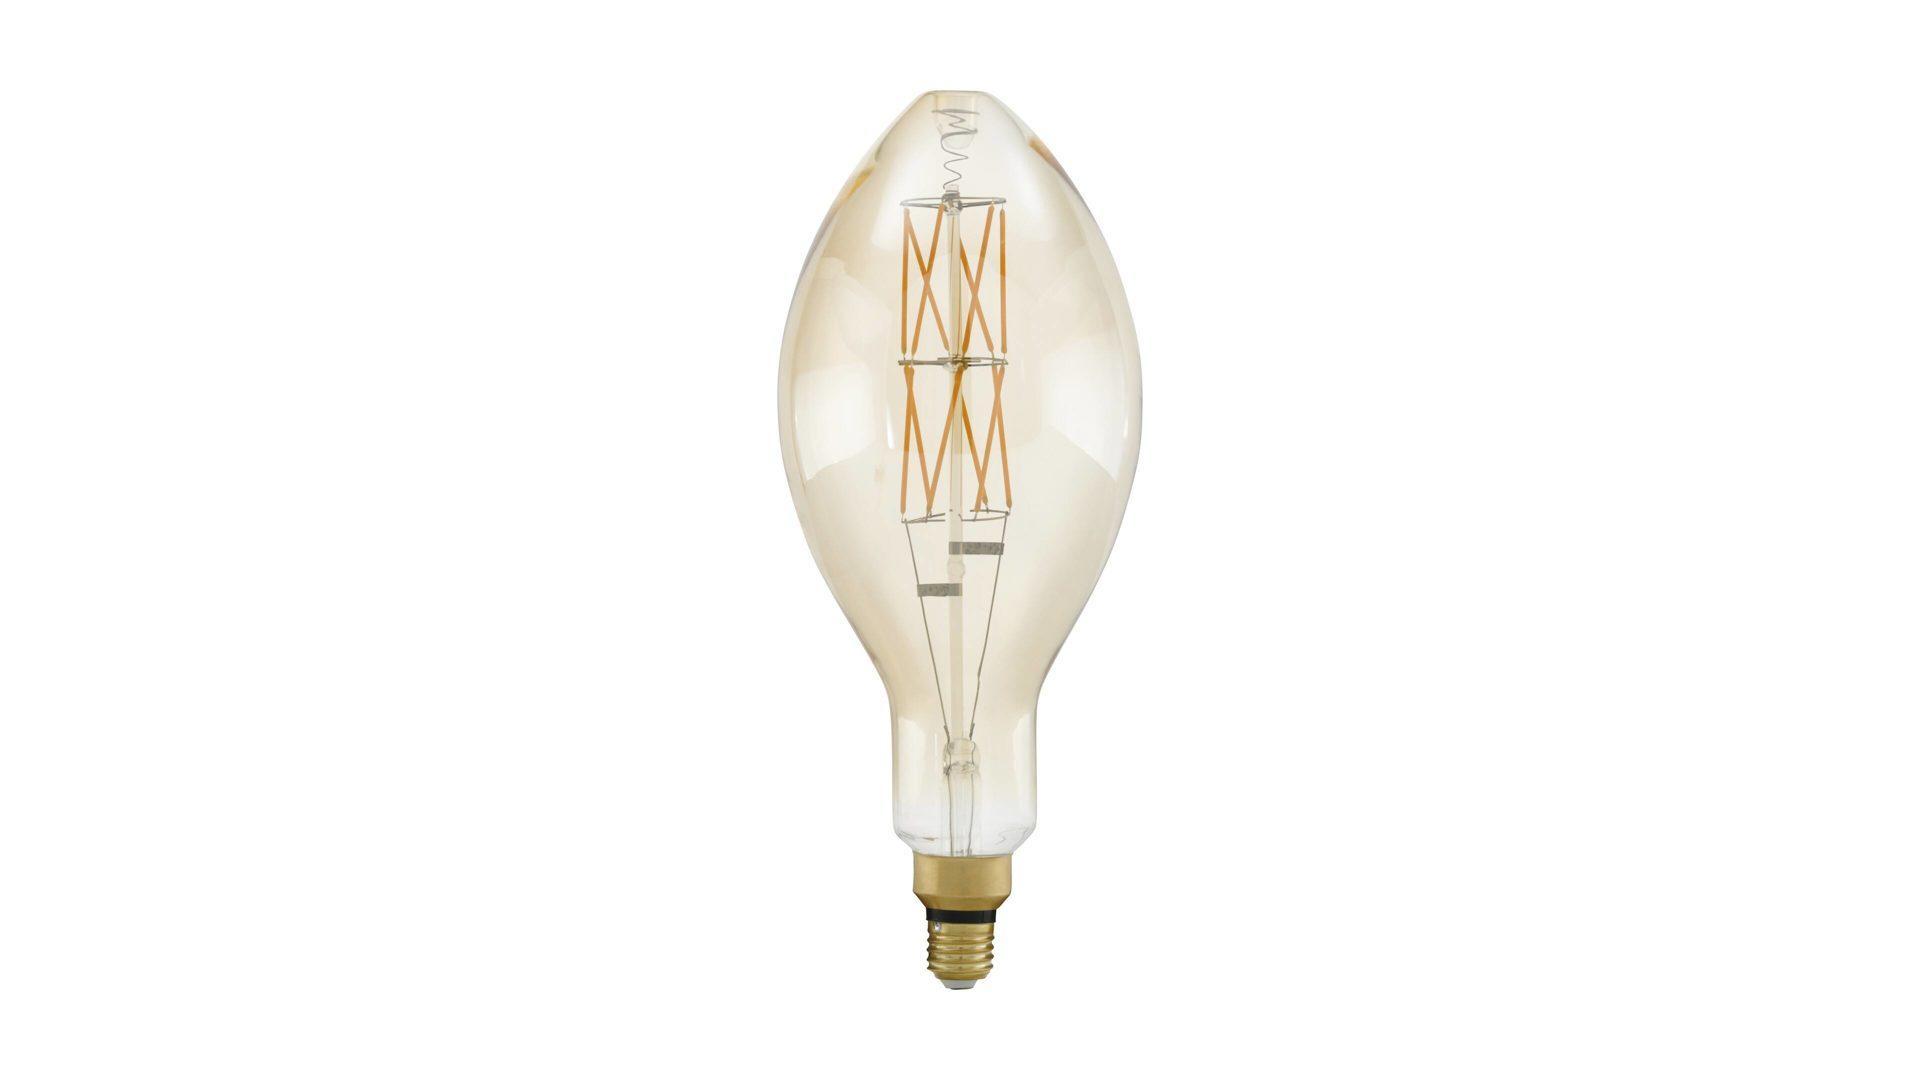 EGLO LED Leuchtmittel, warmweiß & Klarglas – Durchmesser ca. 14 cm